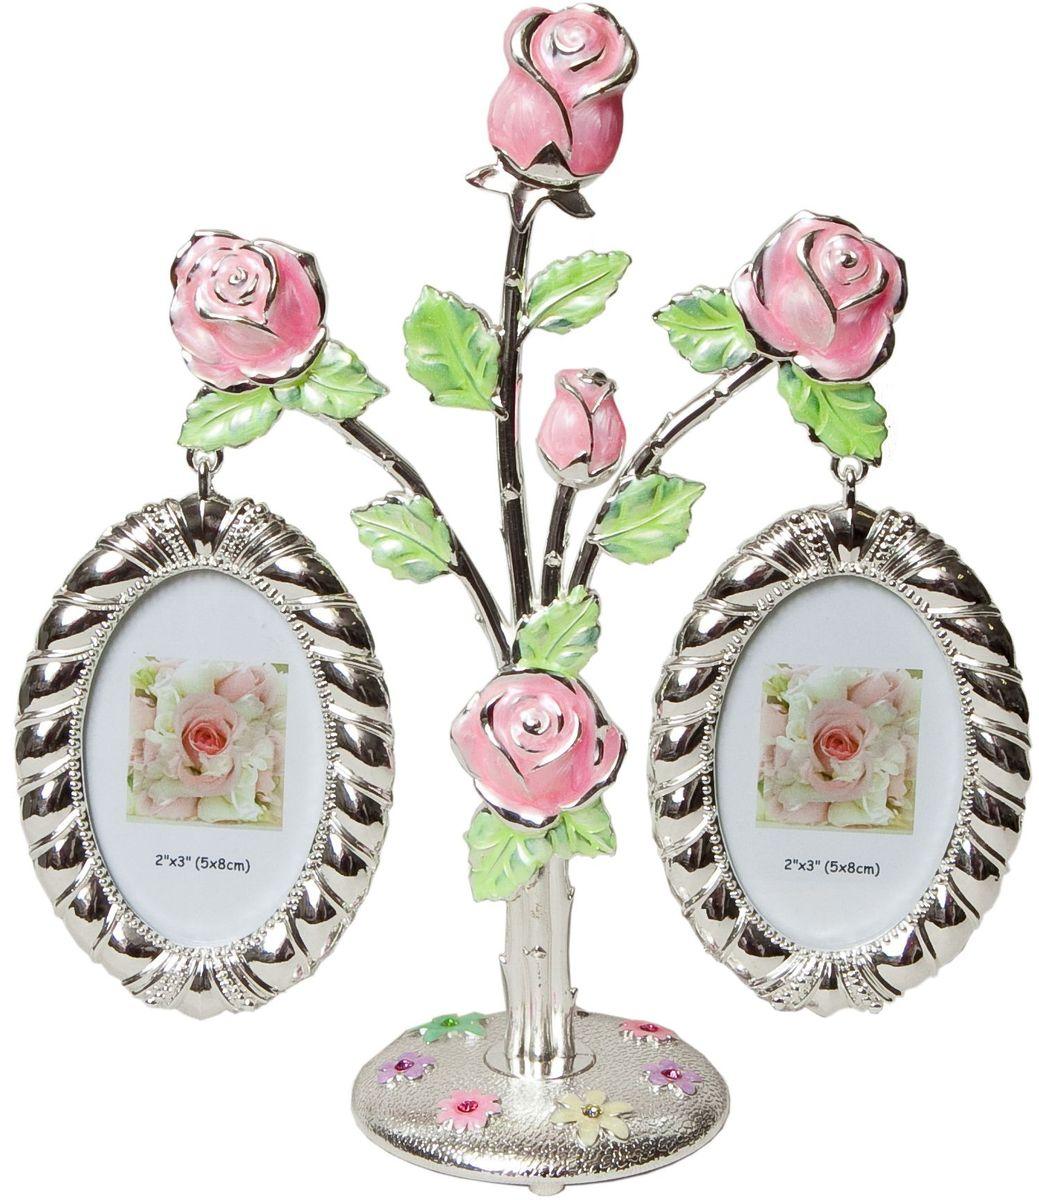 Фоторамка Platinum Дерево. Цветы, цвет: светло-серый, на 2 фото, 5 x 8 см. PF9675AP фоторамки русские подарки фоторамка